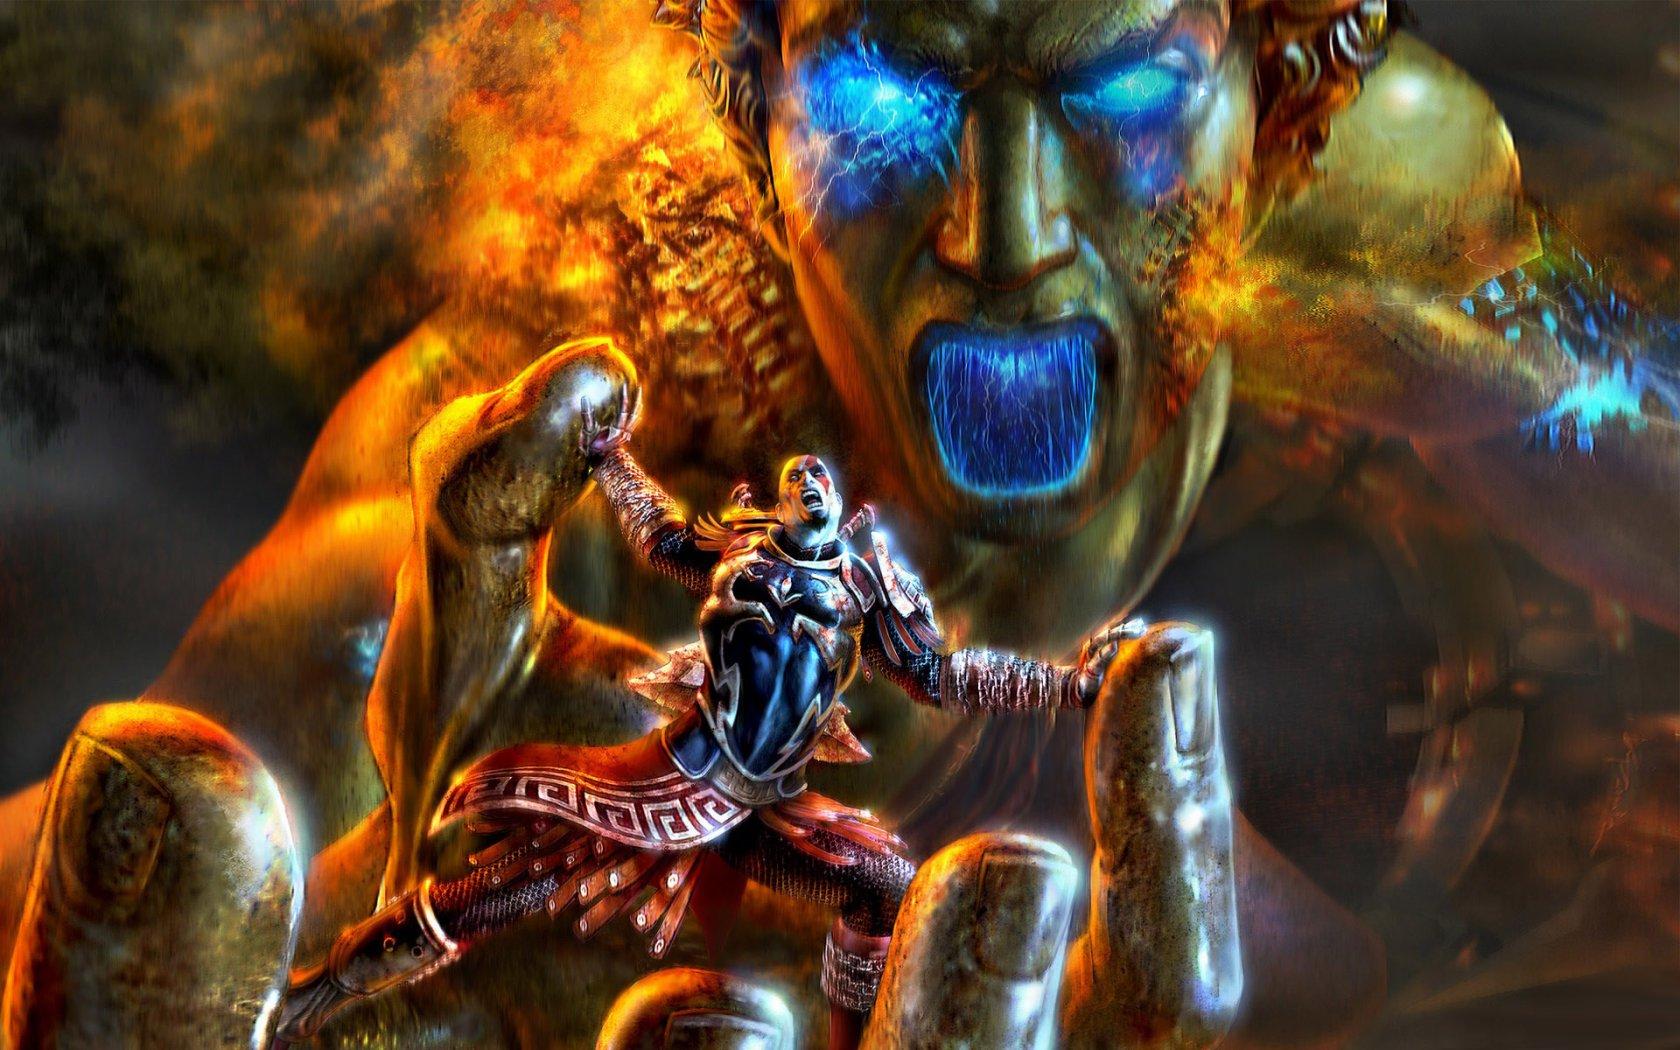 god-of-war-3-1680x1050.jpg